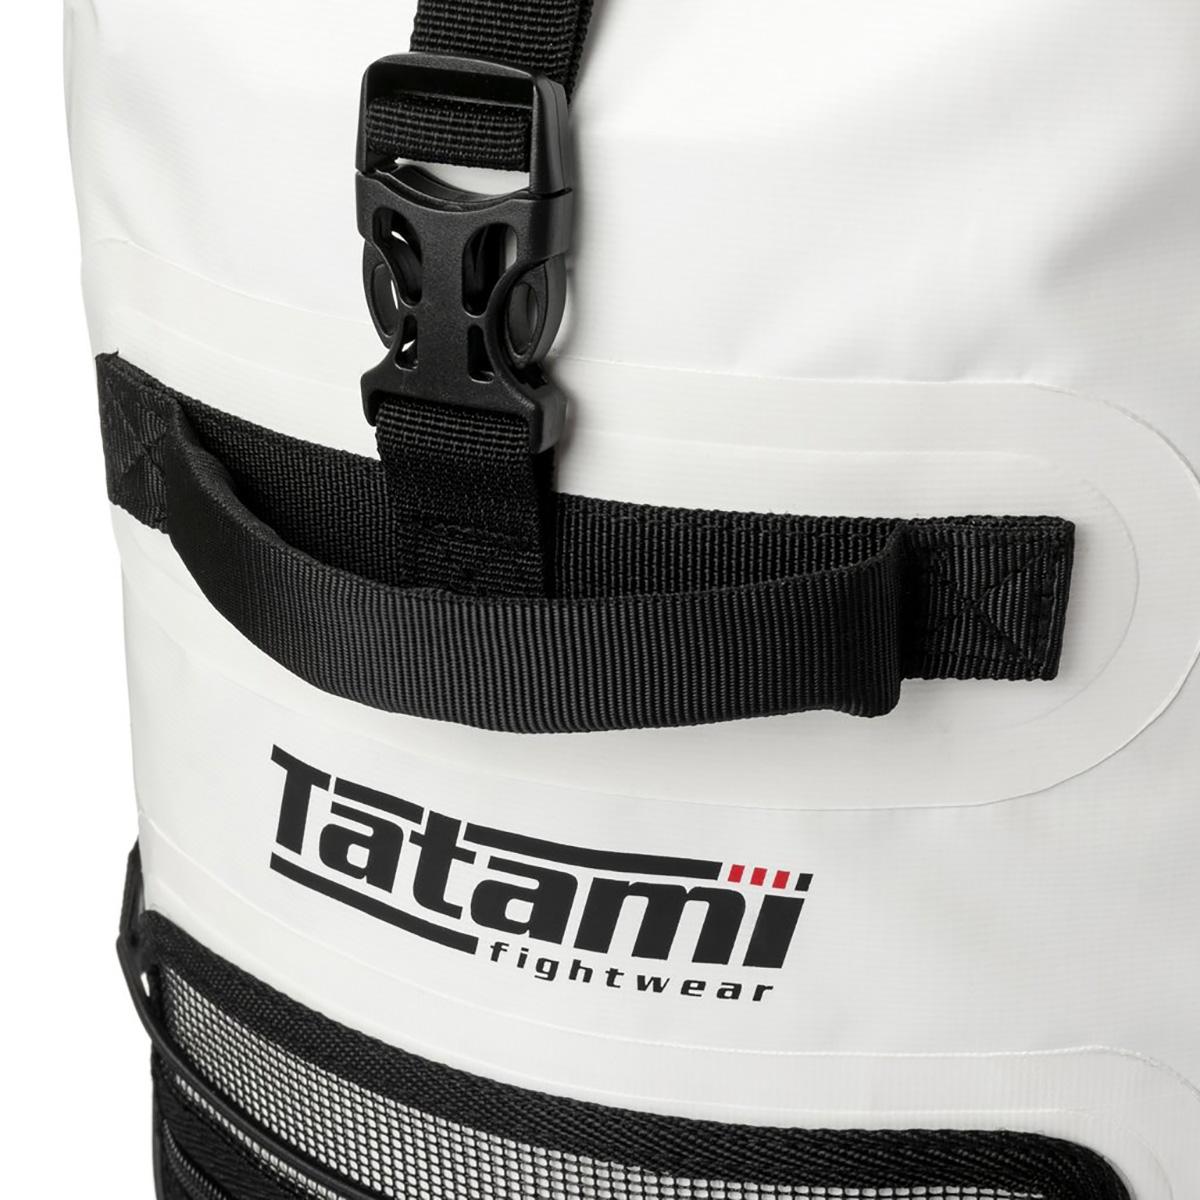 thumbnail 13 - Tatami-Fightwear-30L-Dry-Tech-Gear-Bag